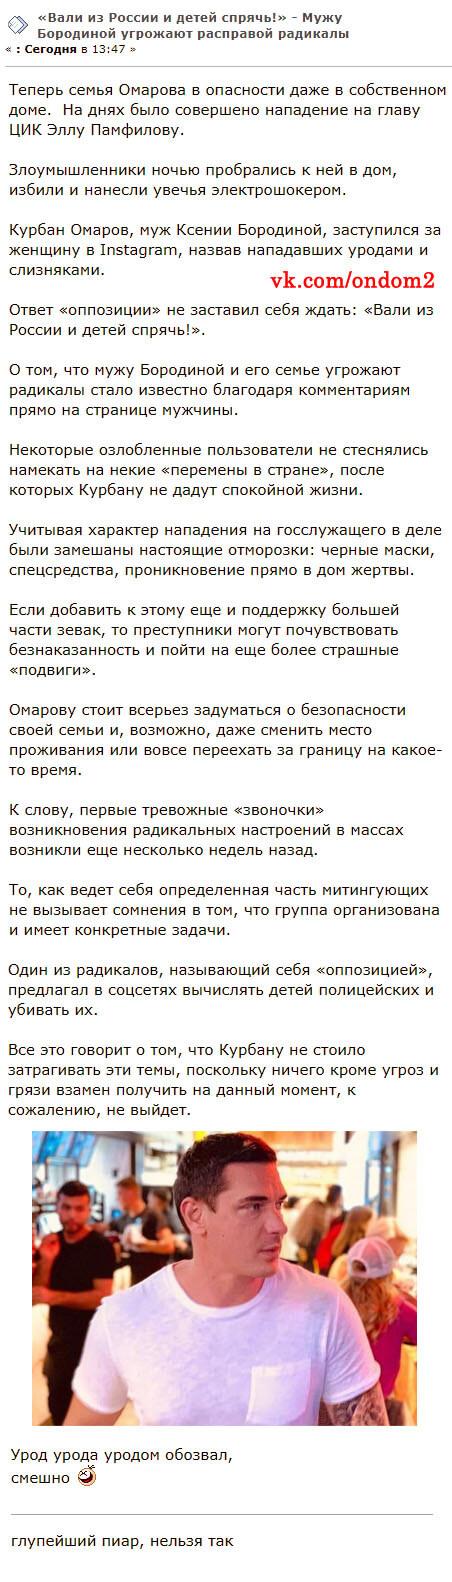 Новость про Курбана Омарова